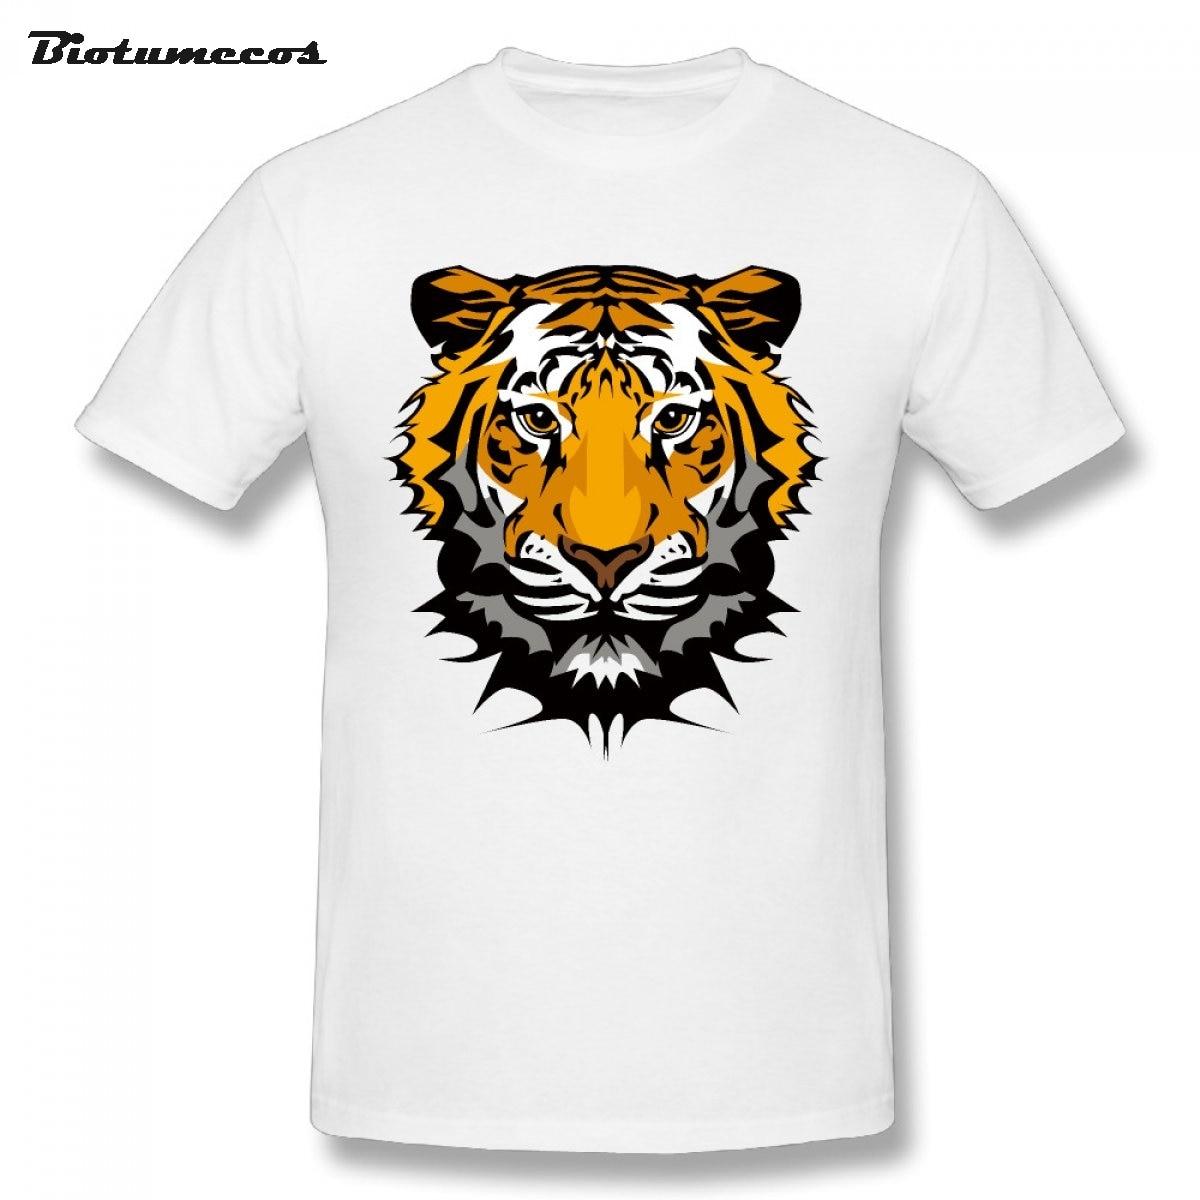 Летняя мужская футболка тигр изображения с принтом короткий рукав с круглым вырезом, 100% хлопковые футболки рубашка Верхняя часть одежды ...